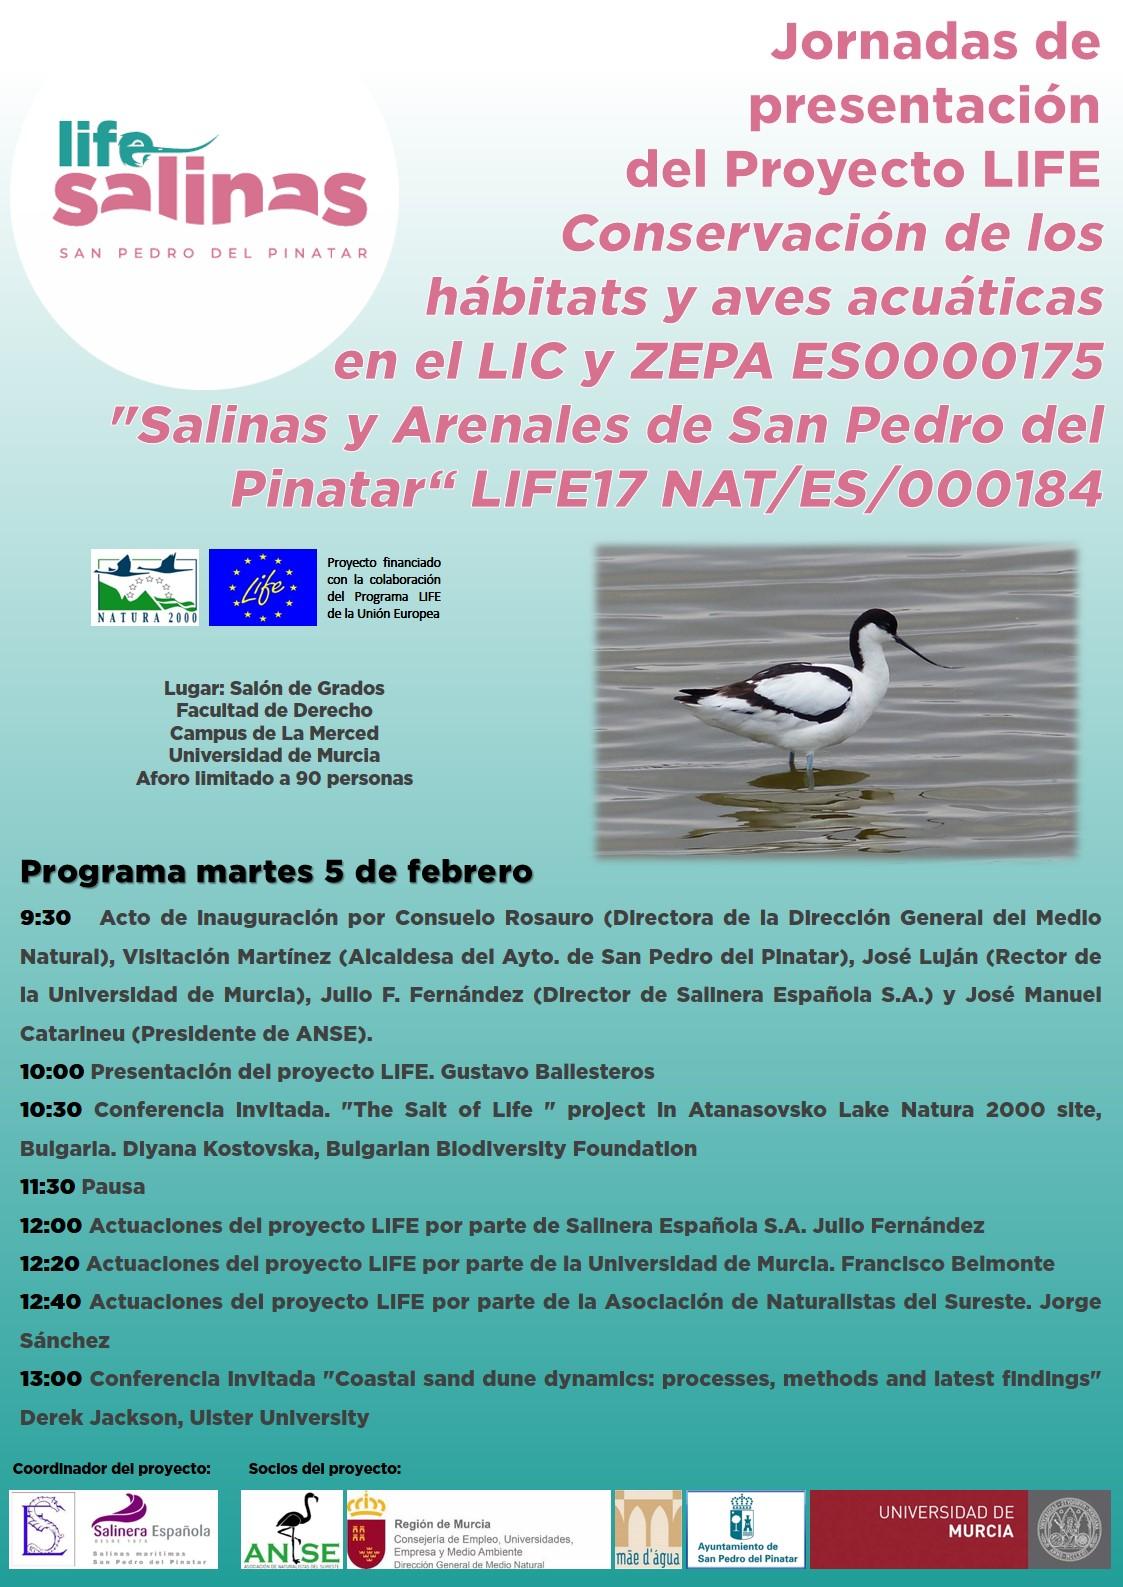 Jornada de presentación del Proyecto LIFEConservación de los hábitats y aves acuáticas en el LIC y ZEPA ES0000175